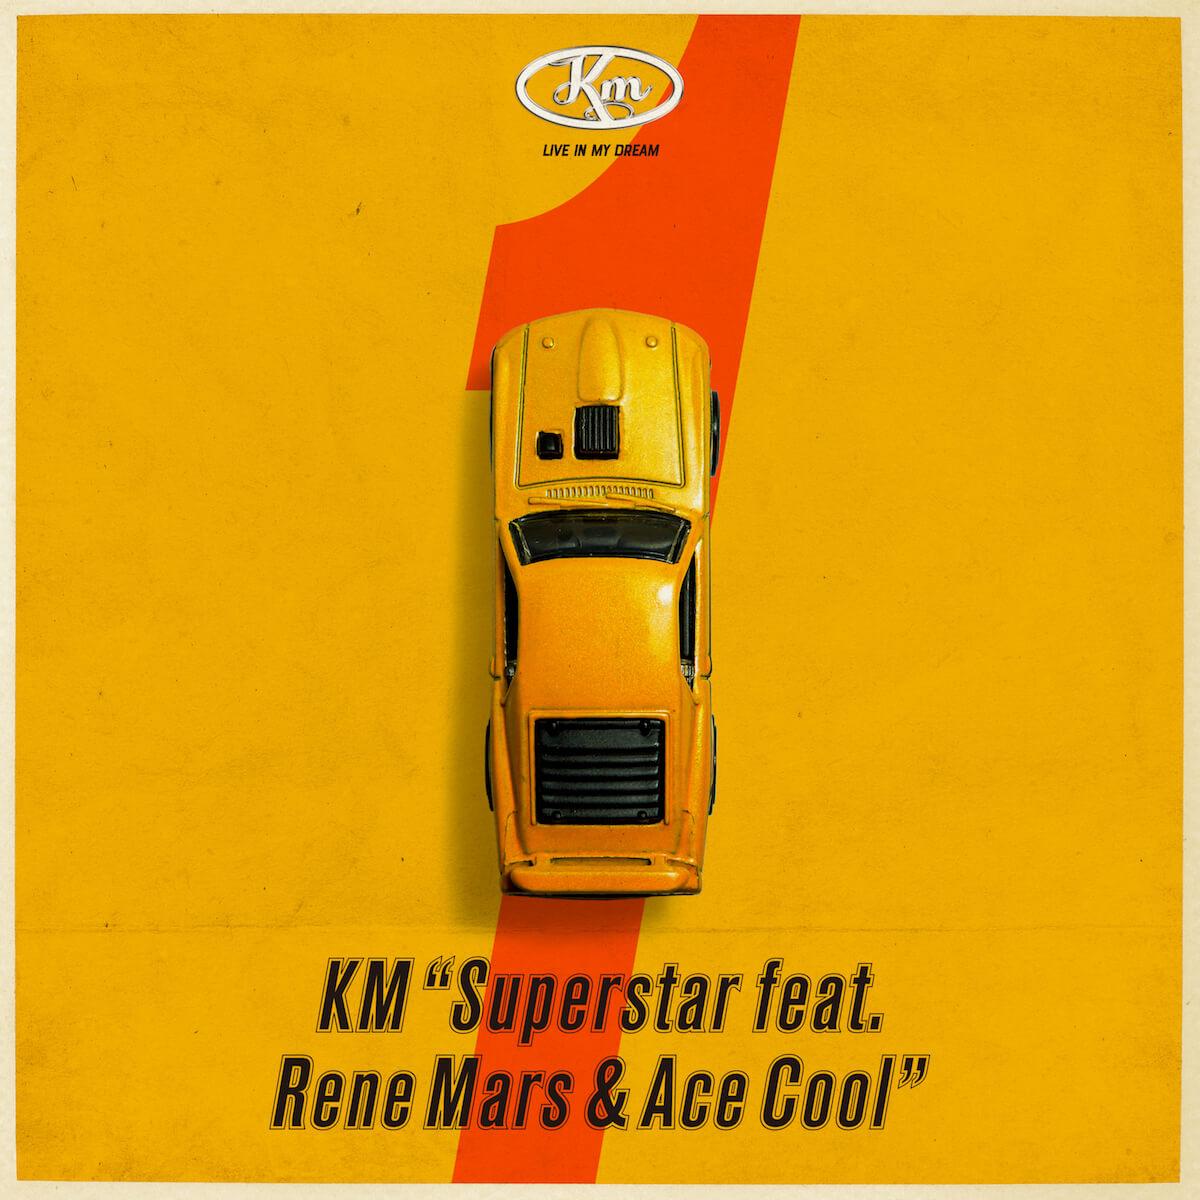 kiLLa、BAD HOP、KANDYTOWNら手がけるプロデューサーKMが1stアルバムをリリース music180809-kmmusic-4